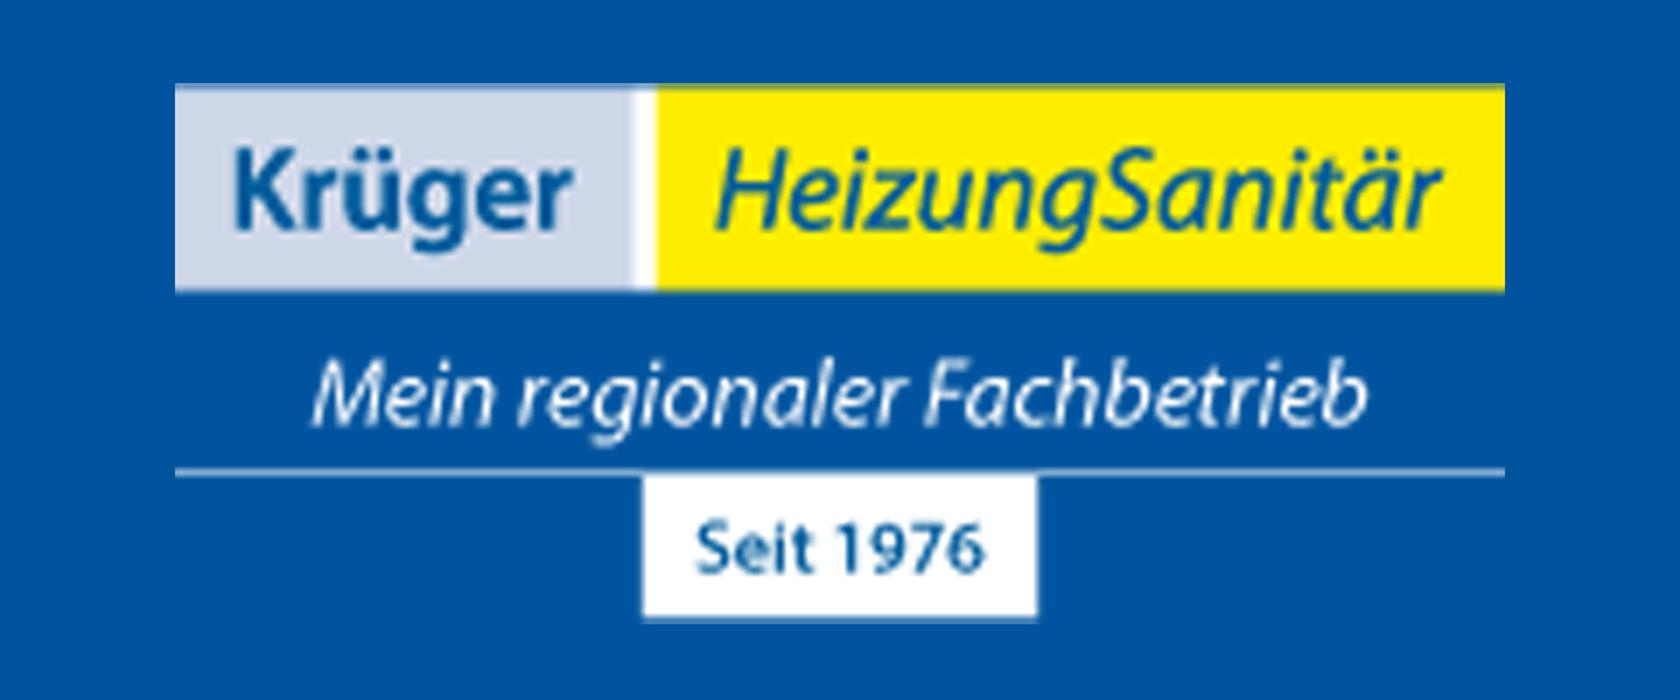 Bild zu Heizung-Sanitär Krüger GmbH in Prenzlau